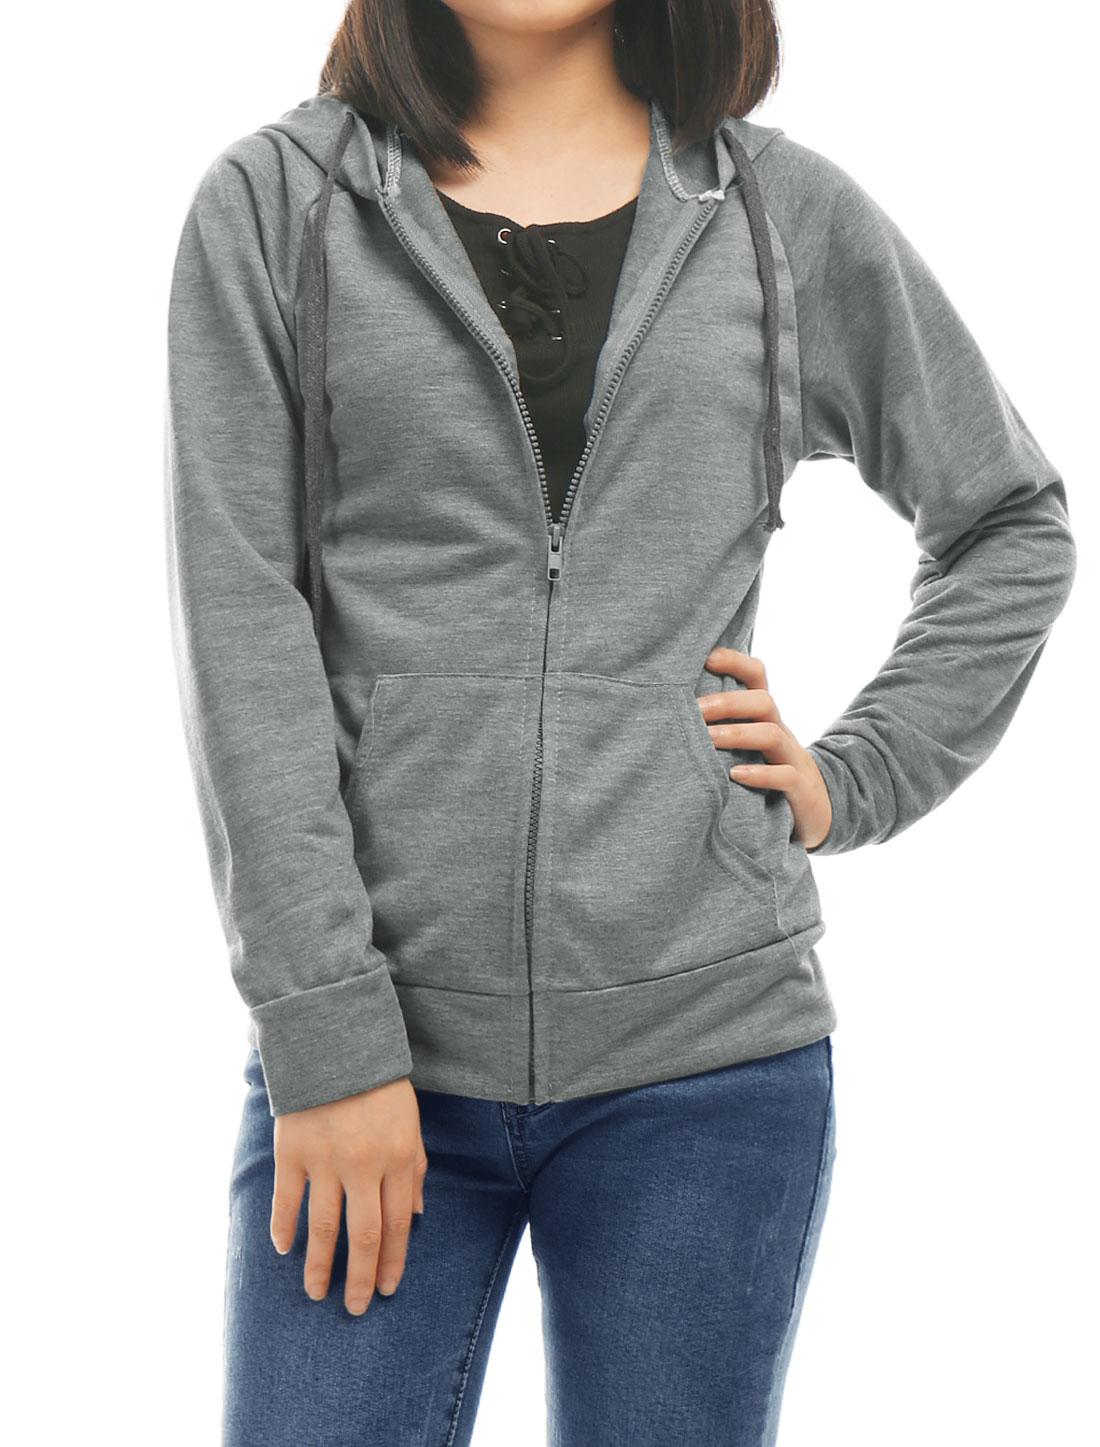 Women-Long-Sleeves-Kangaroo-Pocket-Full-Zip-Drawstring-Hoodie